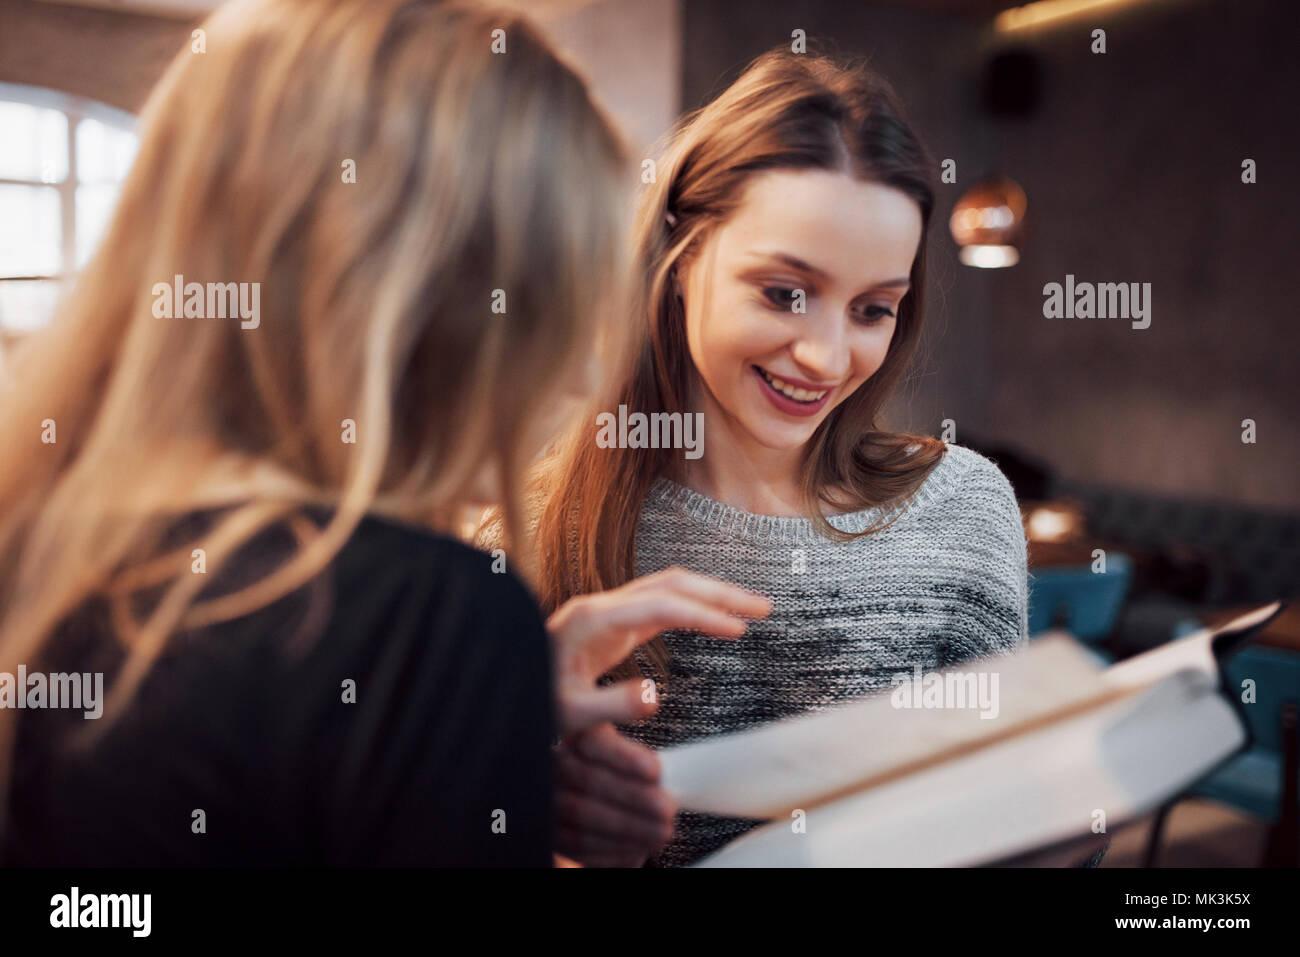 Zwei Mädchen, die in der Lesung buchen Sie während der Pause im Cafe absorbiert. Süße schöne junge Frauen lesen und Kaffee trinken Stockbild